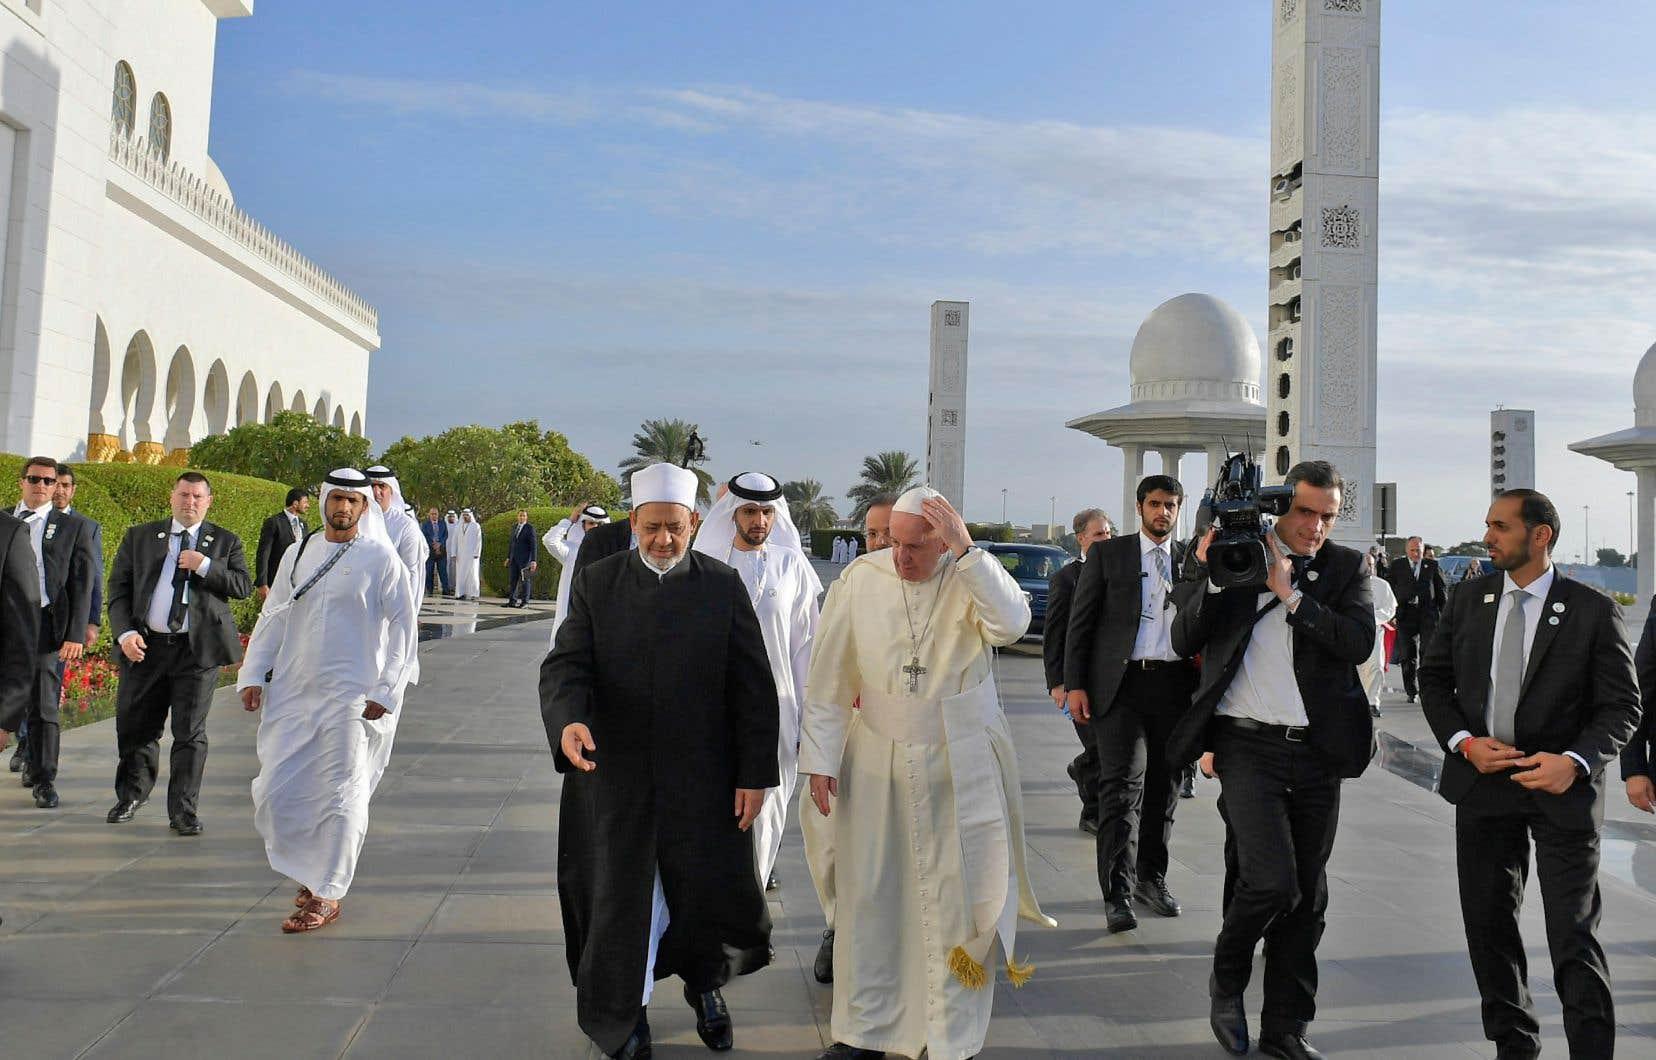 Le pape François rencontre lundi le grand imam sunnite d'Al-Azhar, cheikh Ahmed al-Tayeb, à qui il avait rendu visite en Égypte en 2017.